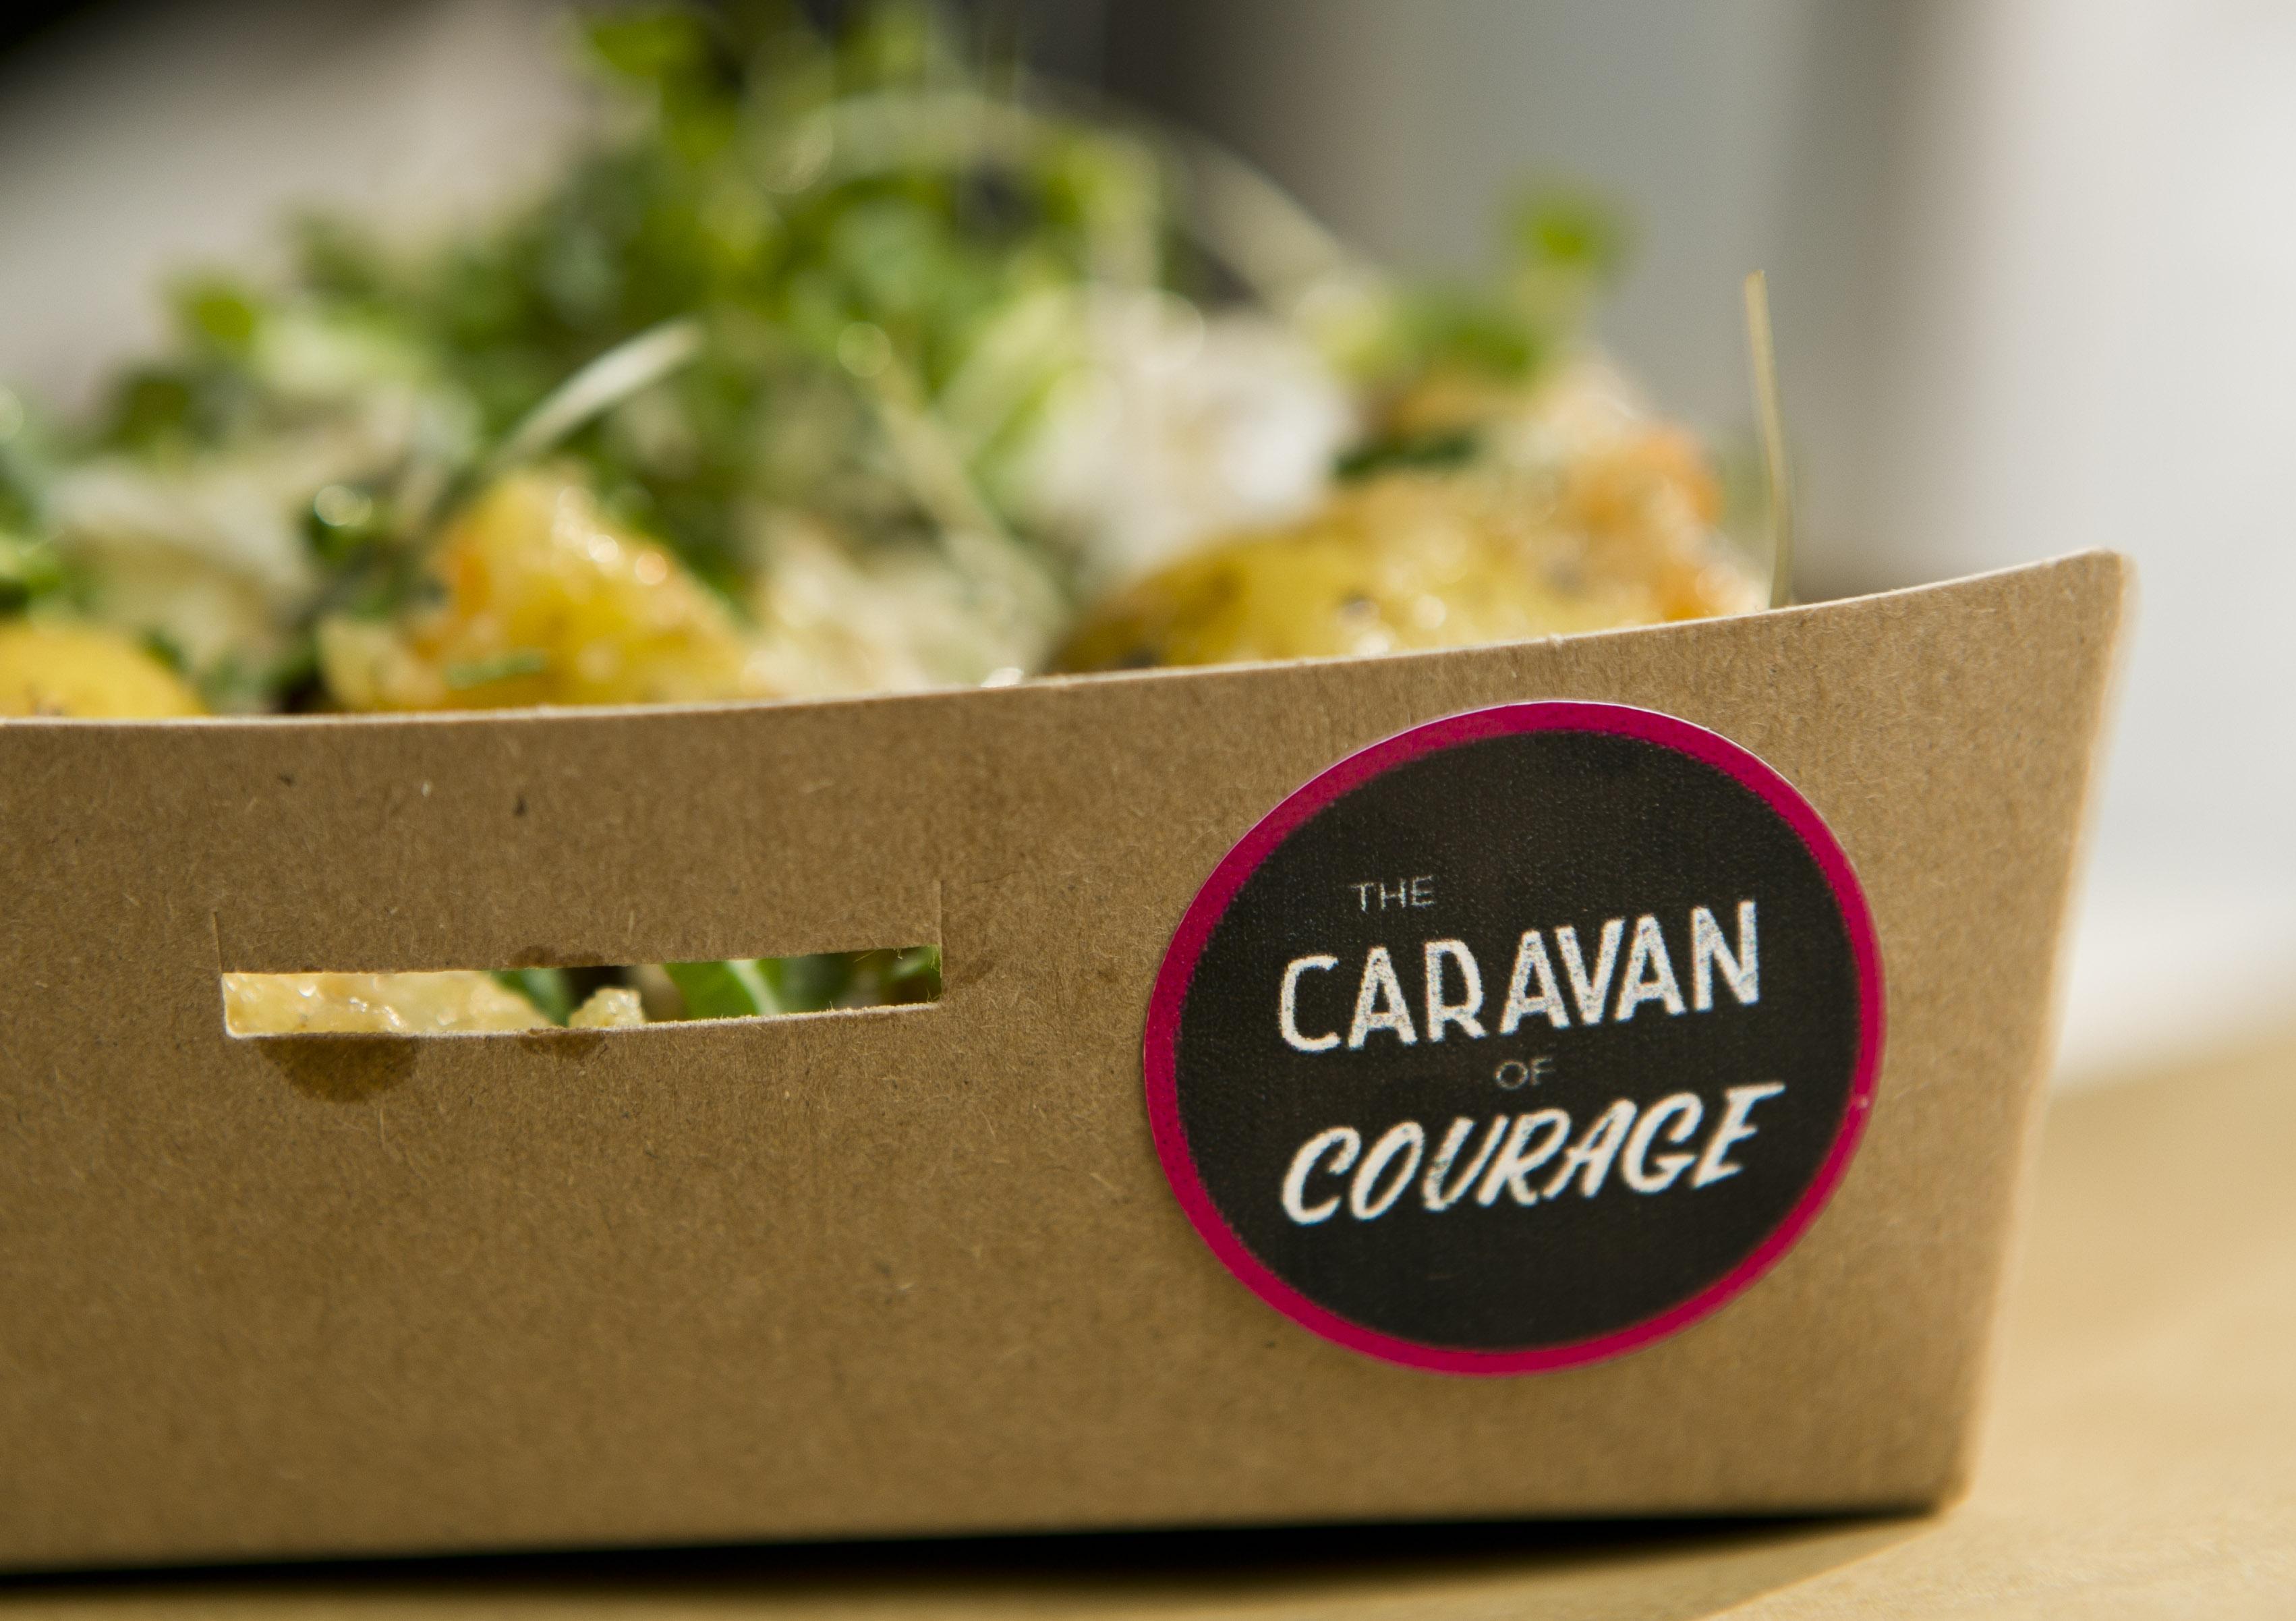 The Caravan of Courage